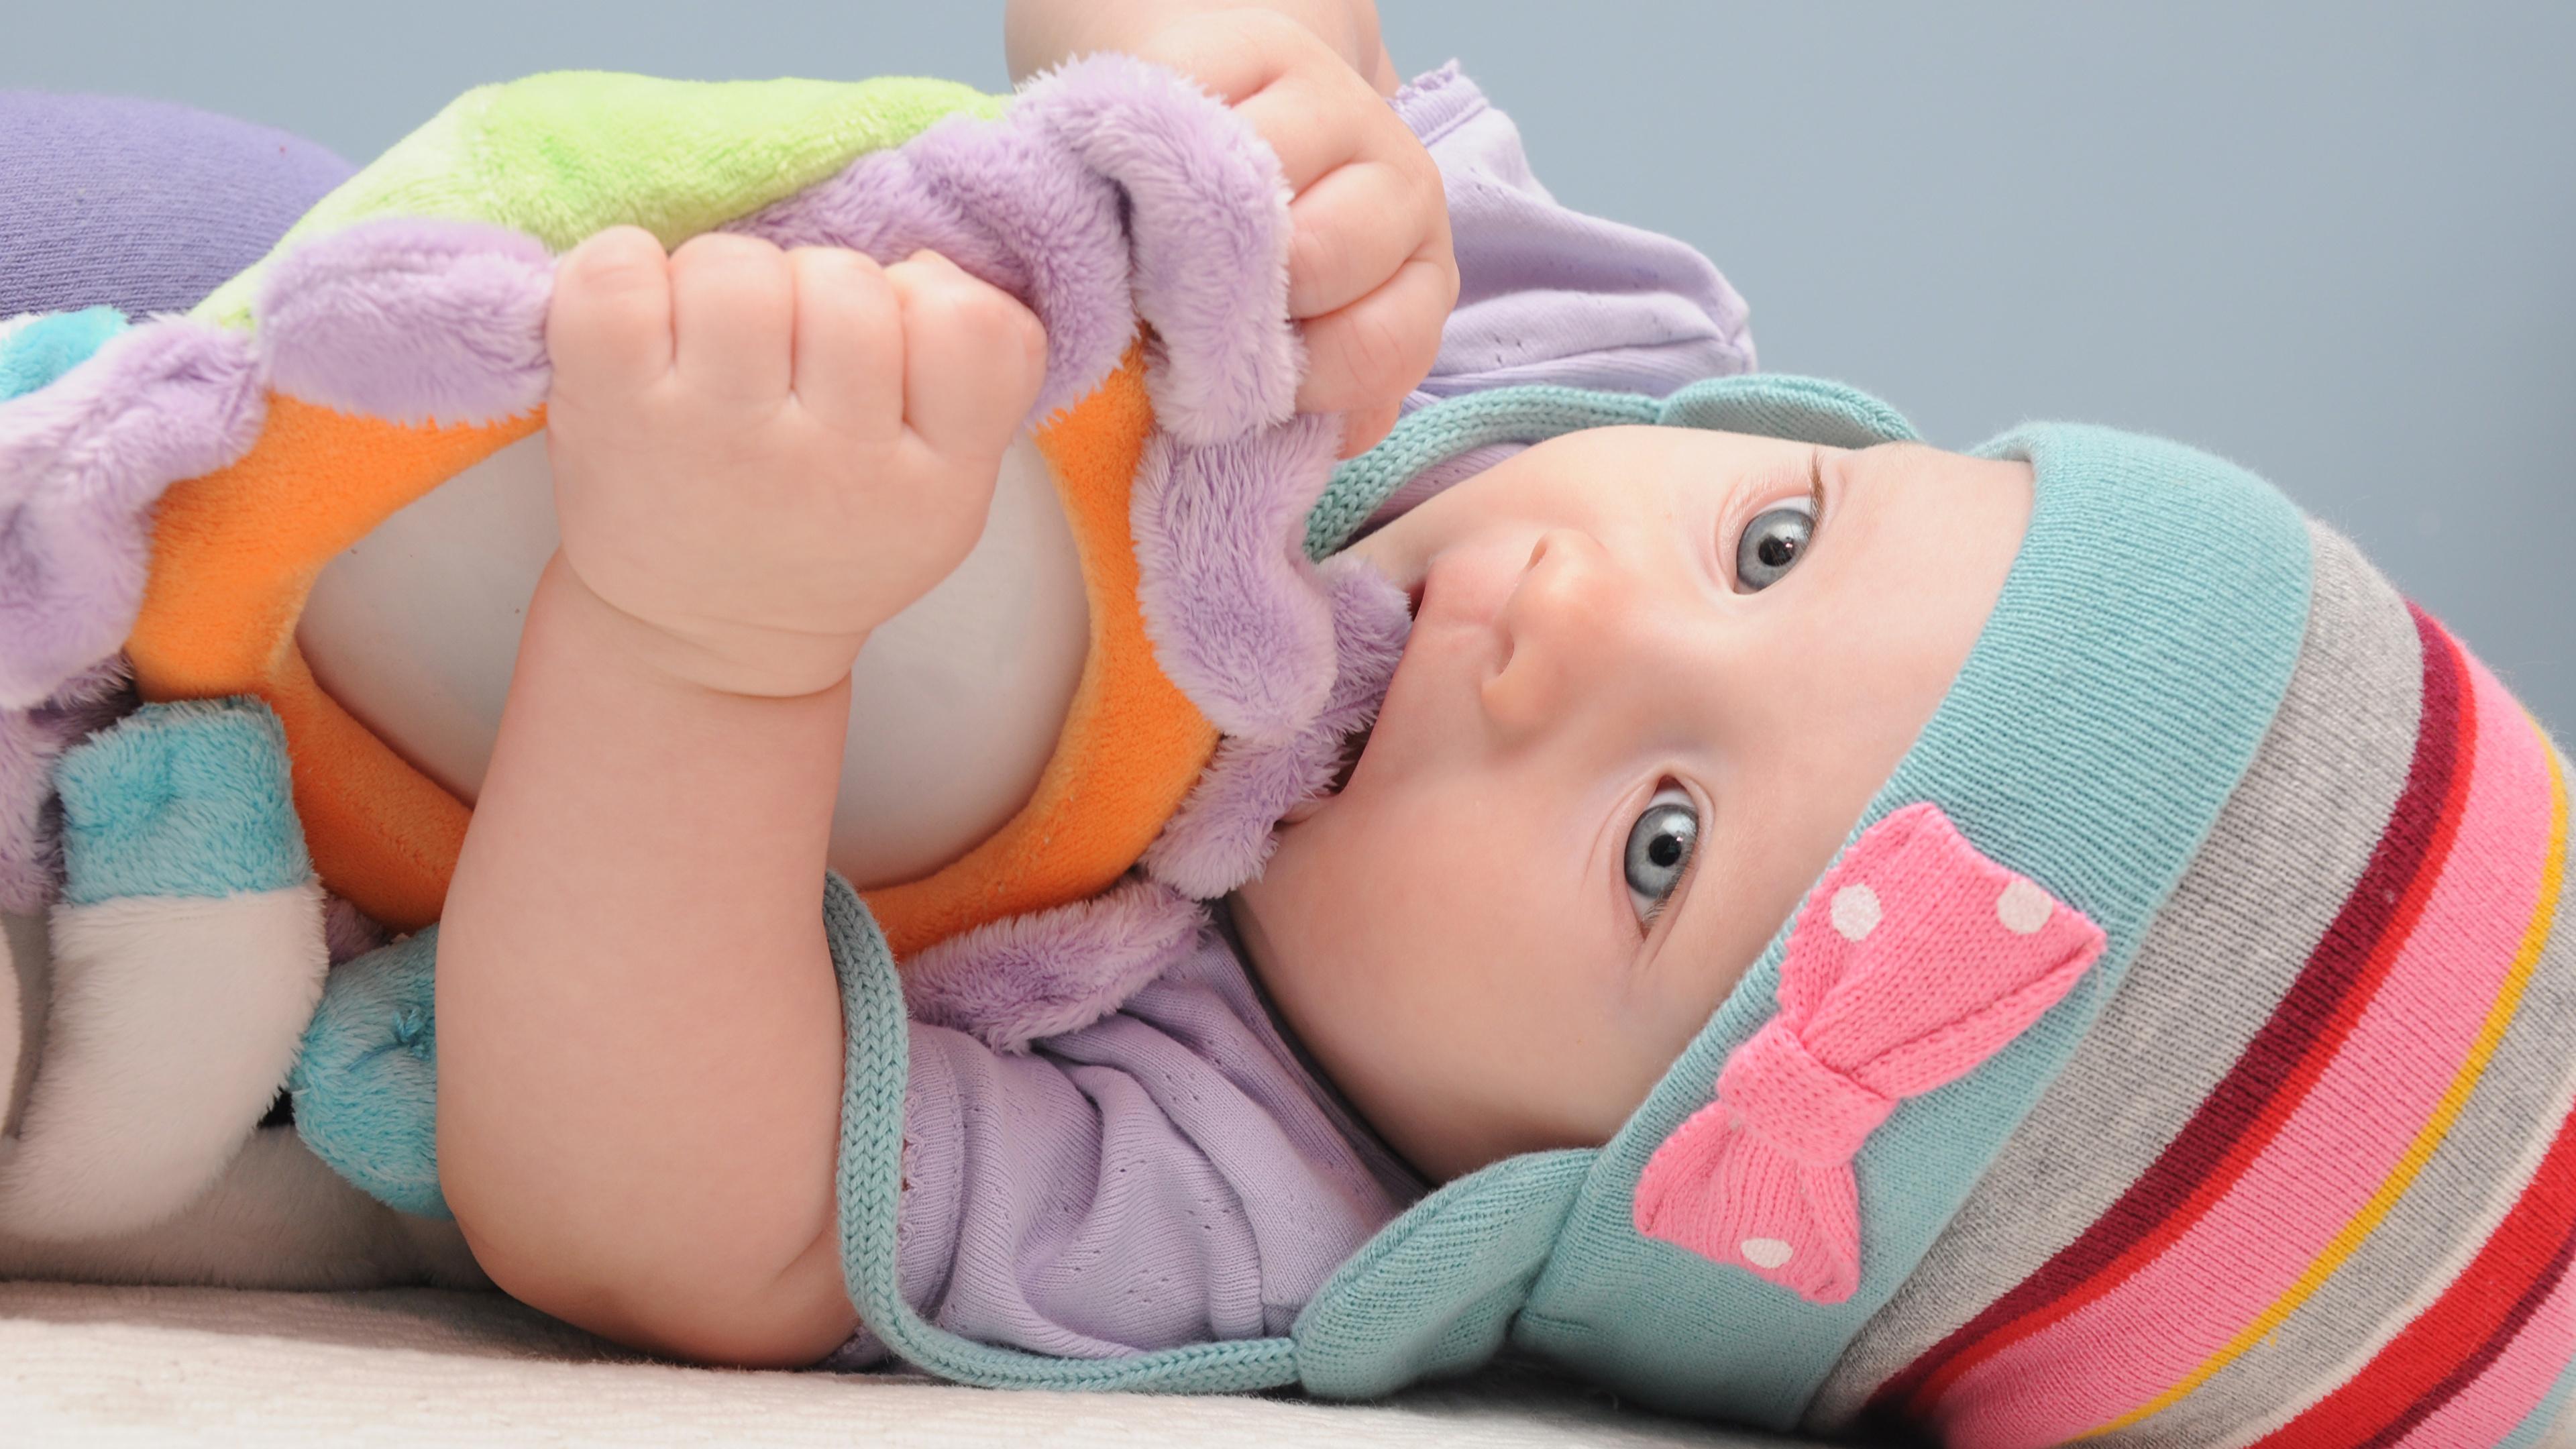 Обои для рабочего стола младенца Дети в шапке игрушка 3840x2160 Младенцы младенец грудной ребёнок ребёнок Шапки шапка Игрушки